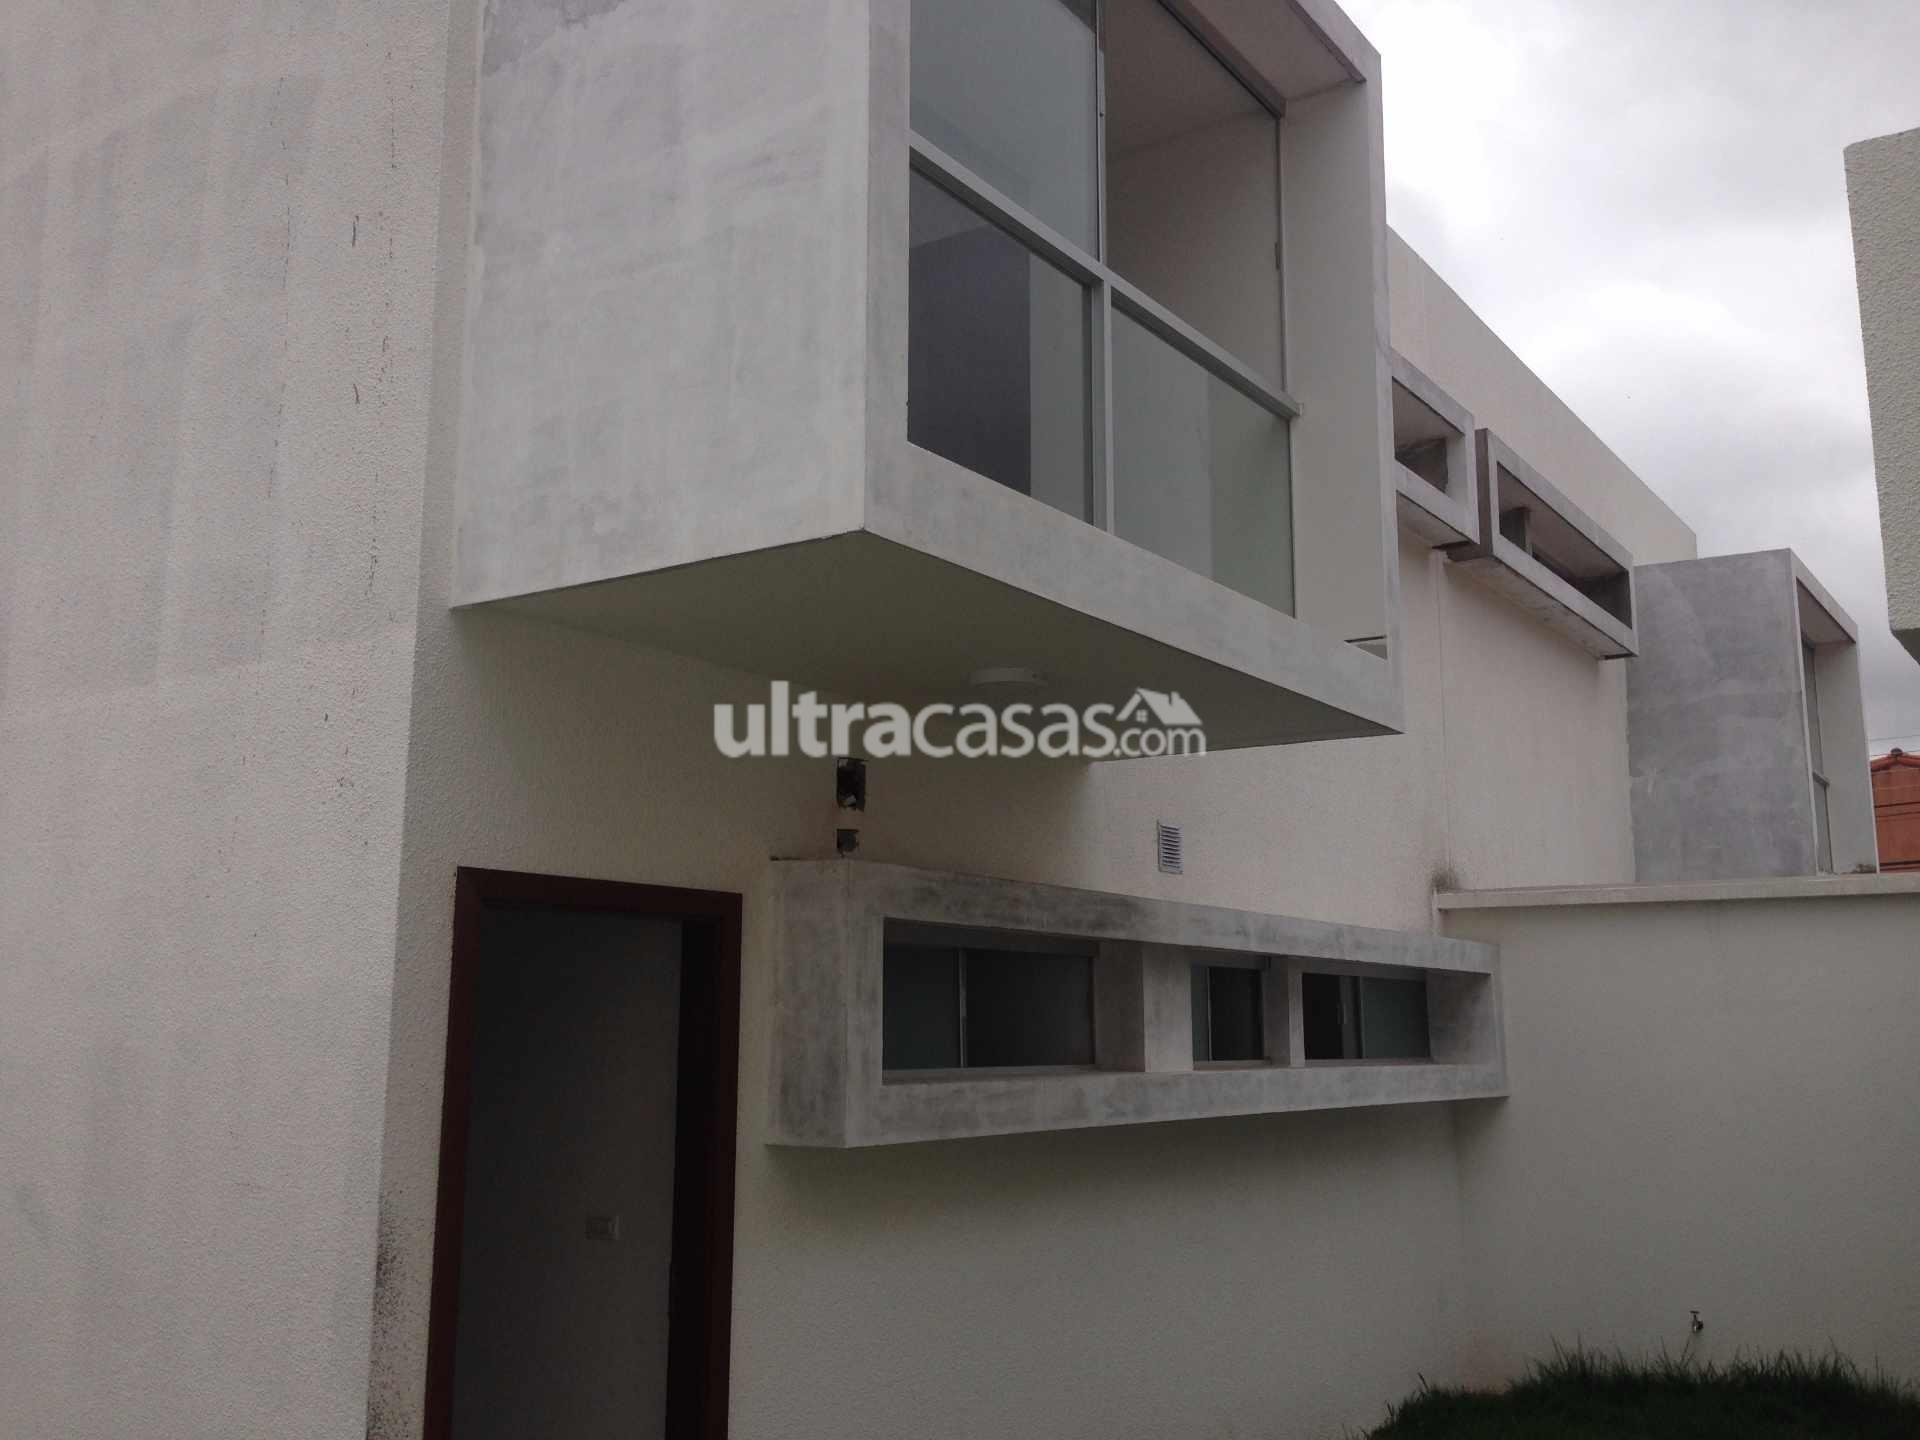 Casa en Venta Las Palmas, entre 3er y 4to anillo (1 cuadra de la Av. Piraí y a 4 cuadras del 4to Anillo) Foto 18